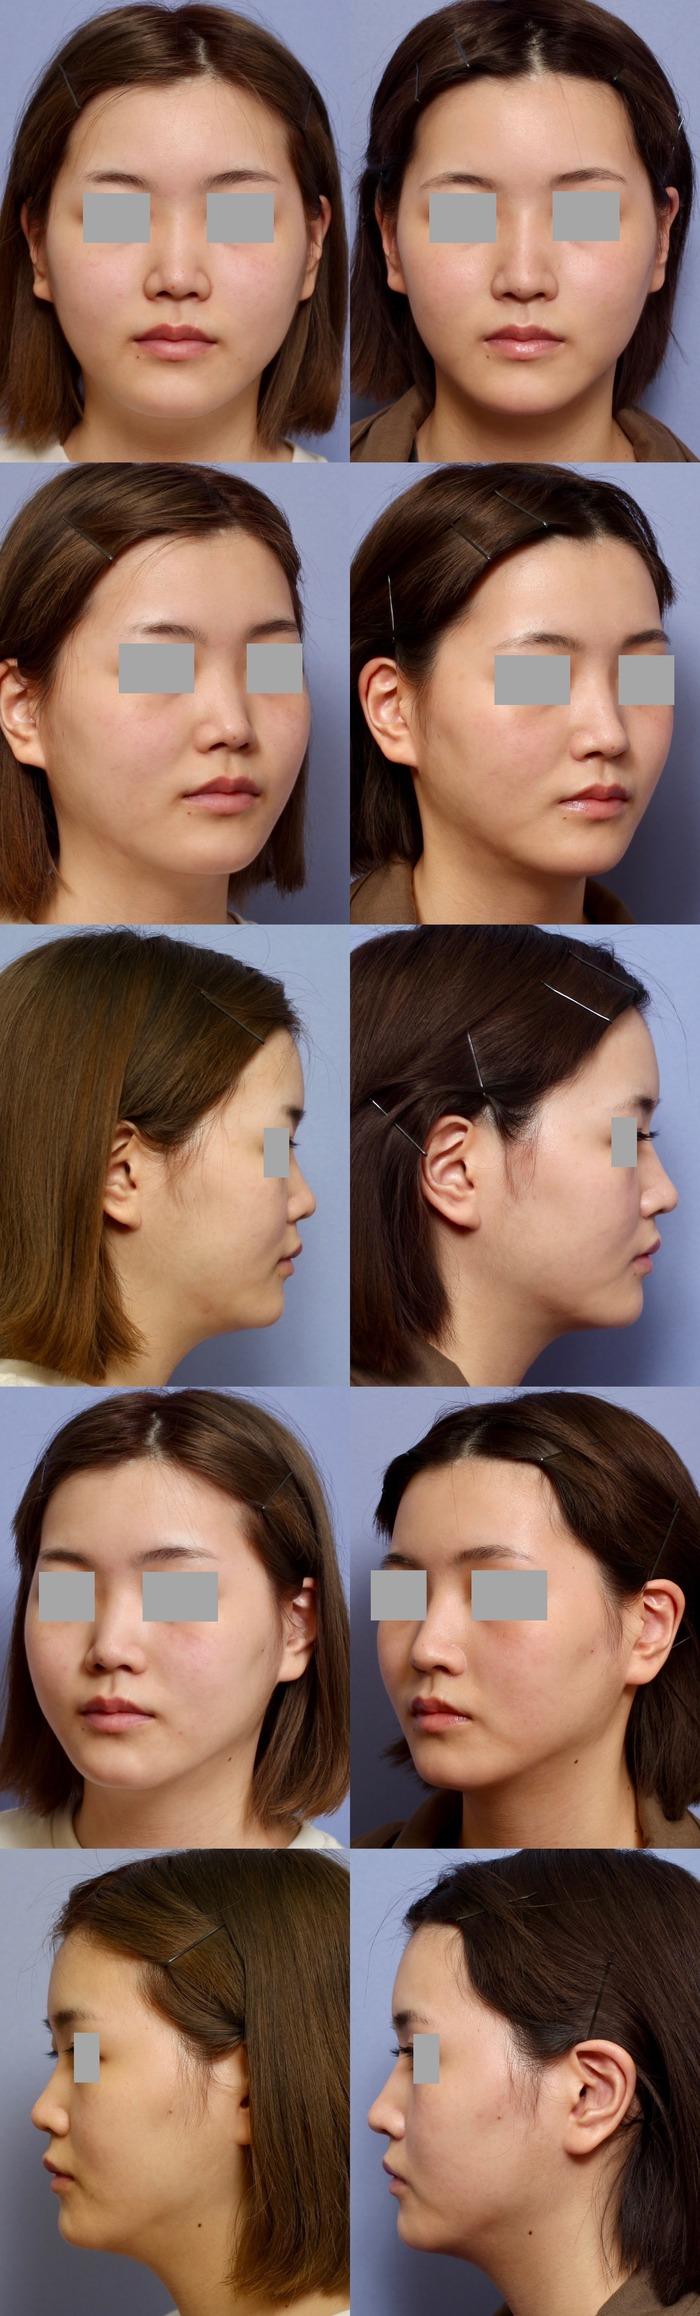 鼻尖縮小術 隆鼻術 術後1ヶ月